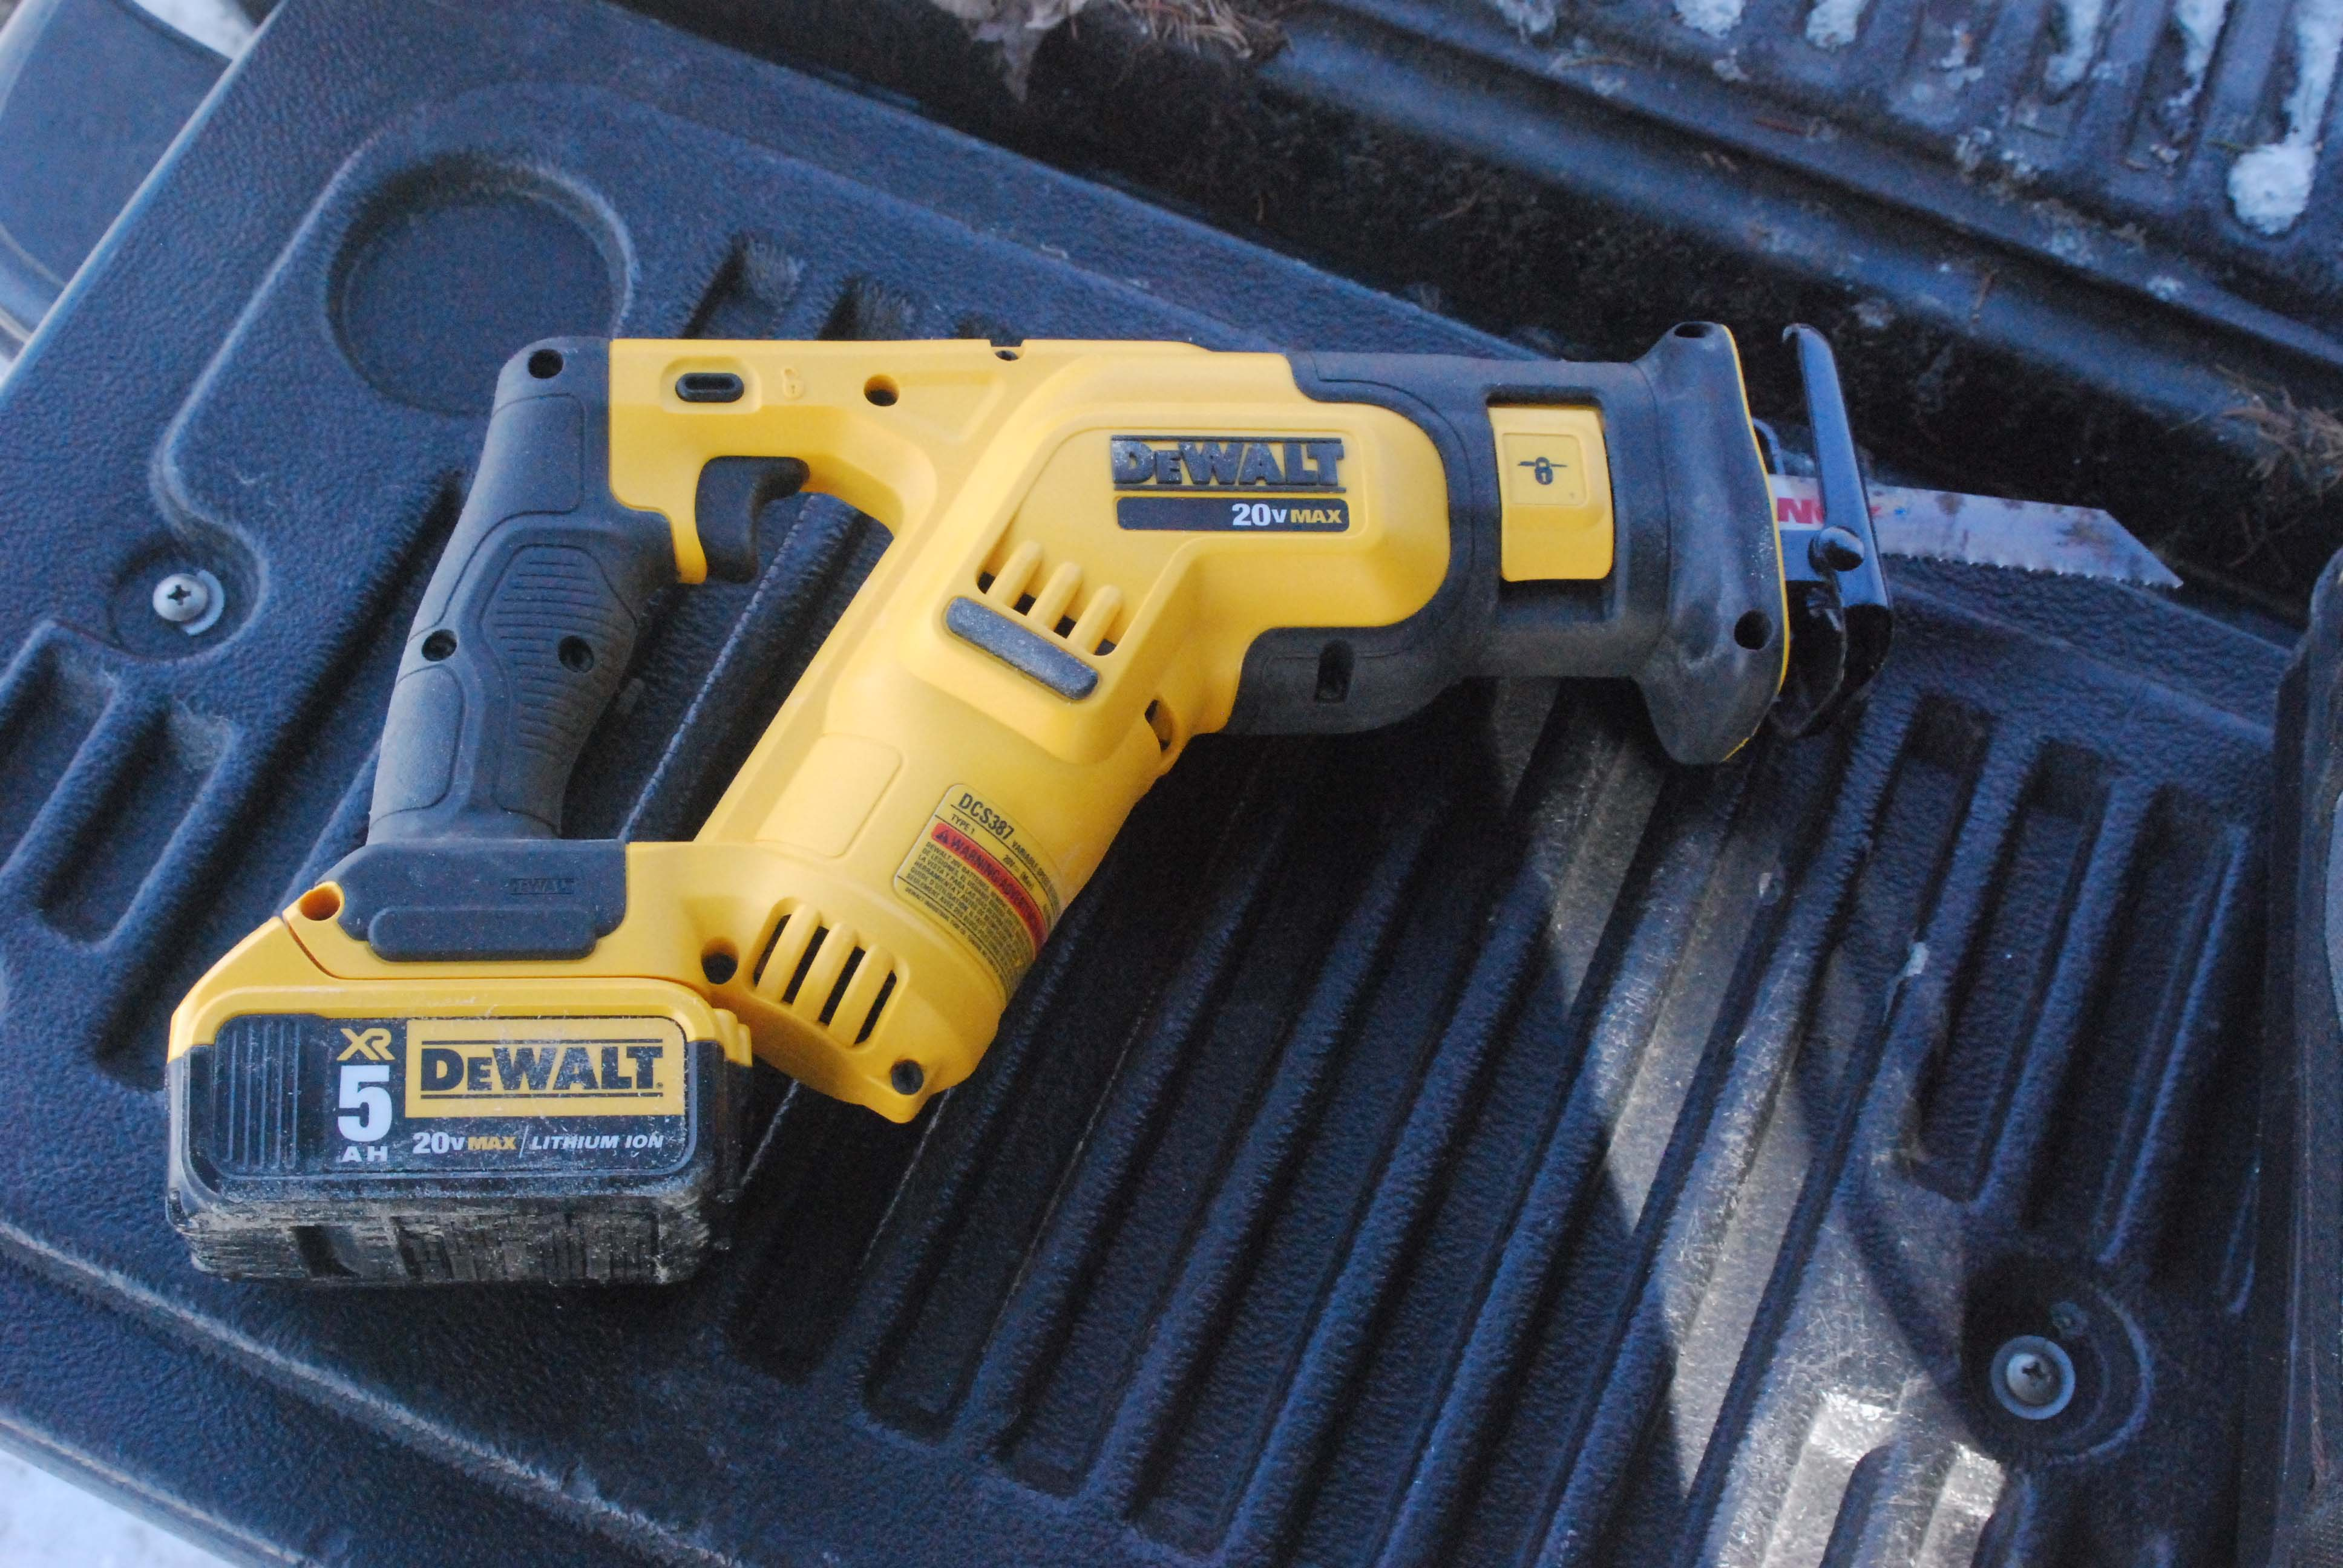 Dewalt 20v Max Compact Reciprocating Saw Tools Of The